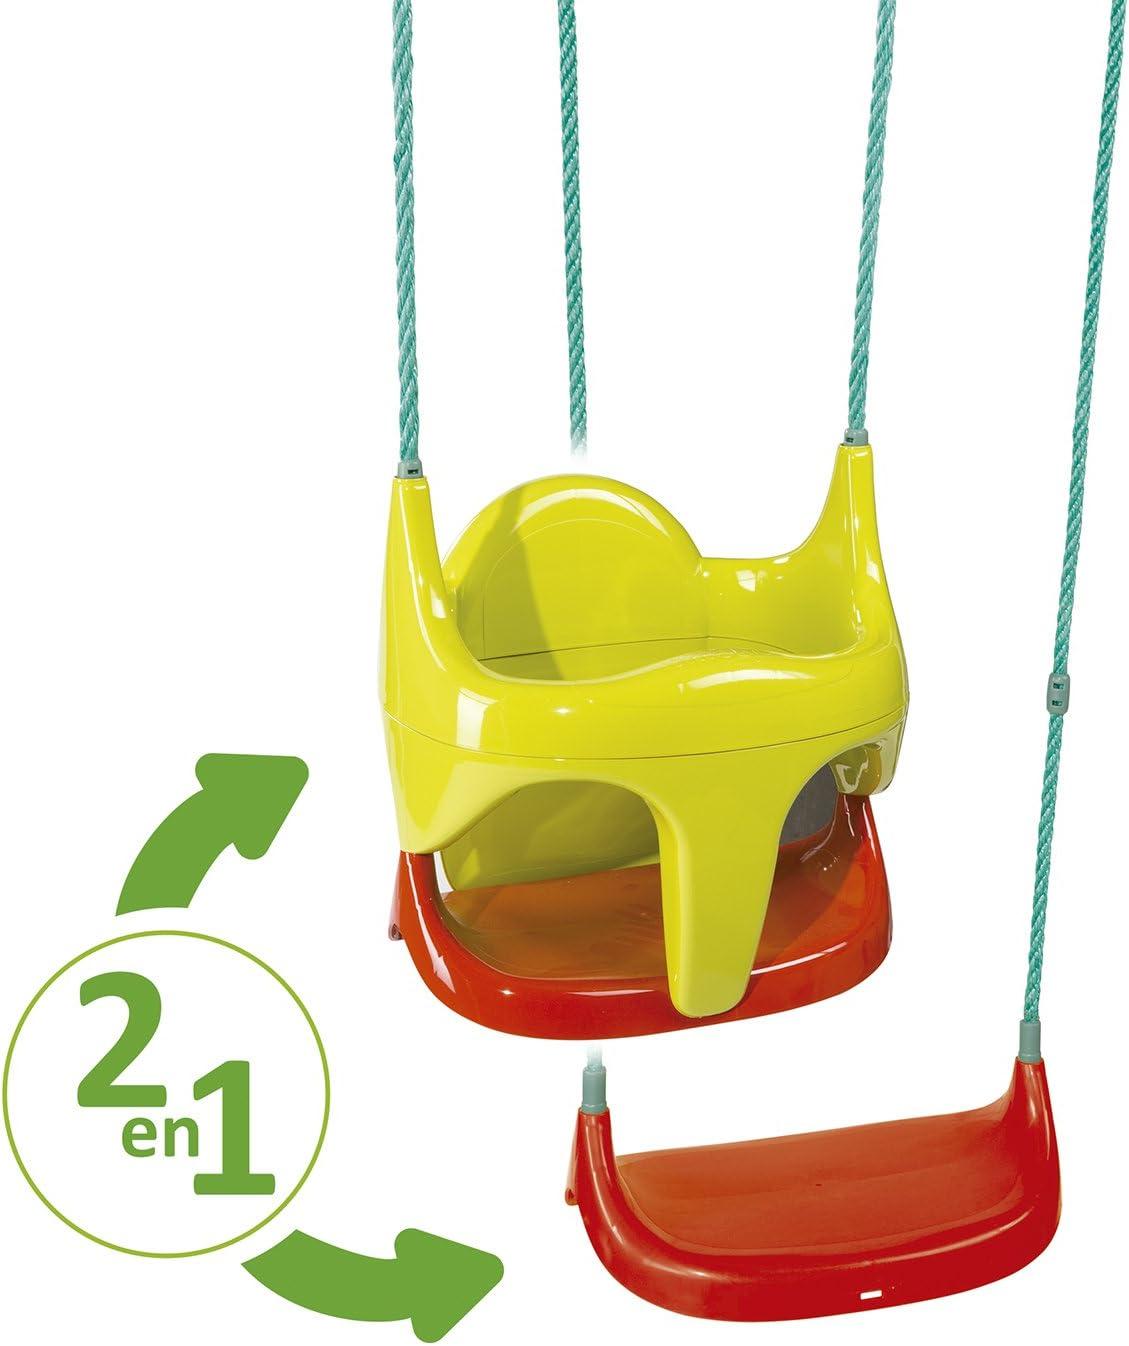 Smoby-310194 Silla Columpio Bebé evolutiva 2 en 1, Color Rojo, Amarillo, Simba Toys 310194